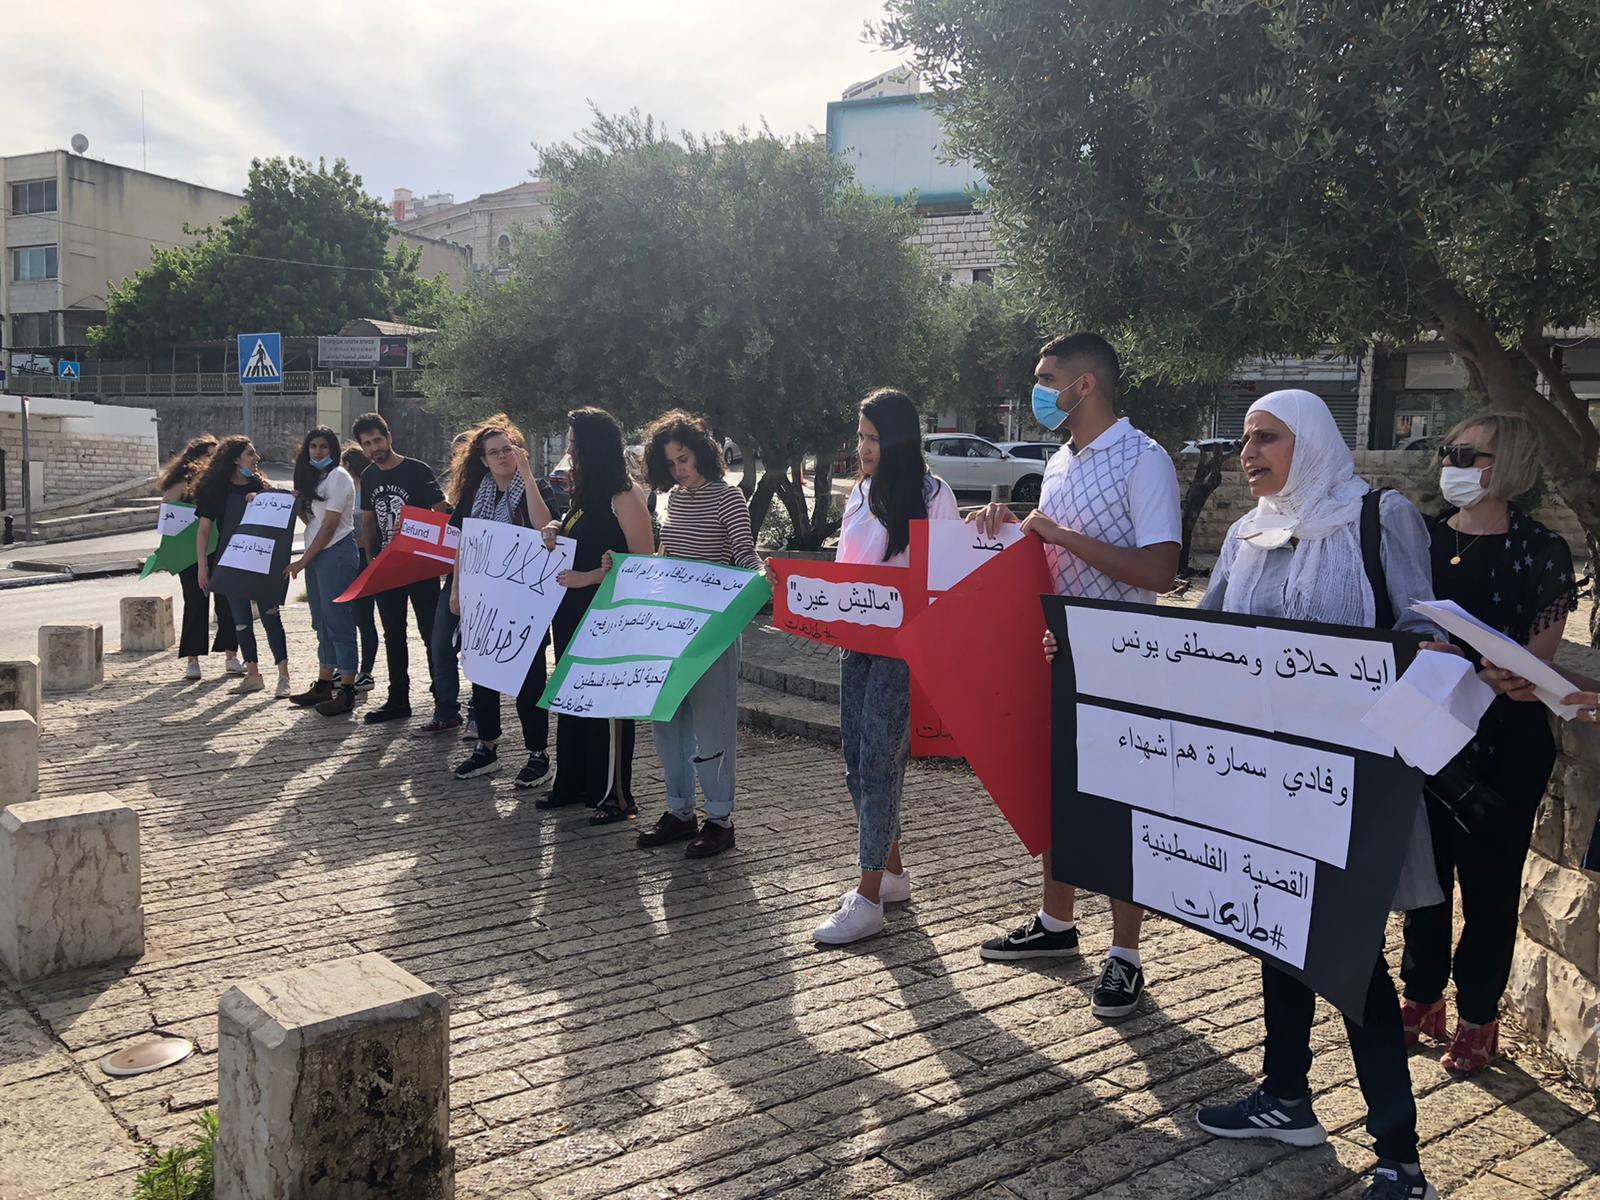 """مشاركة واسعة باحتجاجات حراك """"طالعات"""" ضد جرائم الاحتلال"""